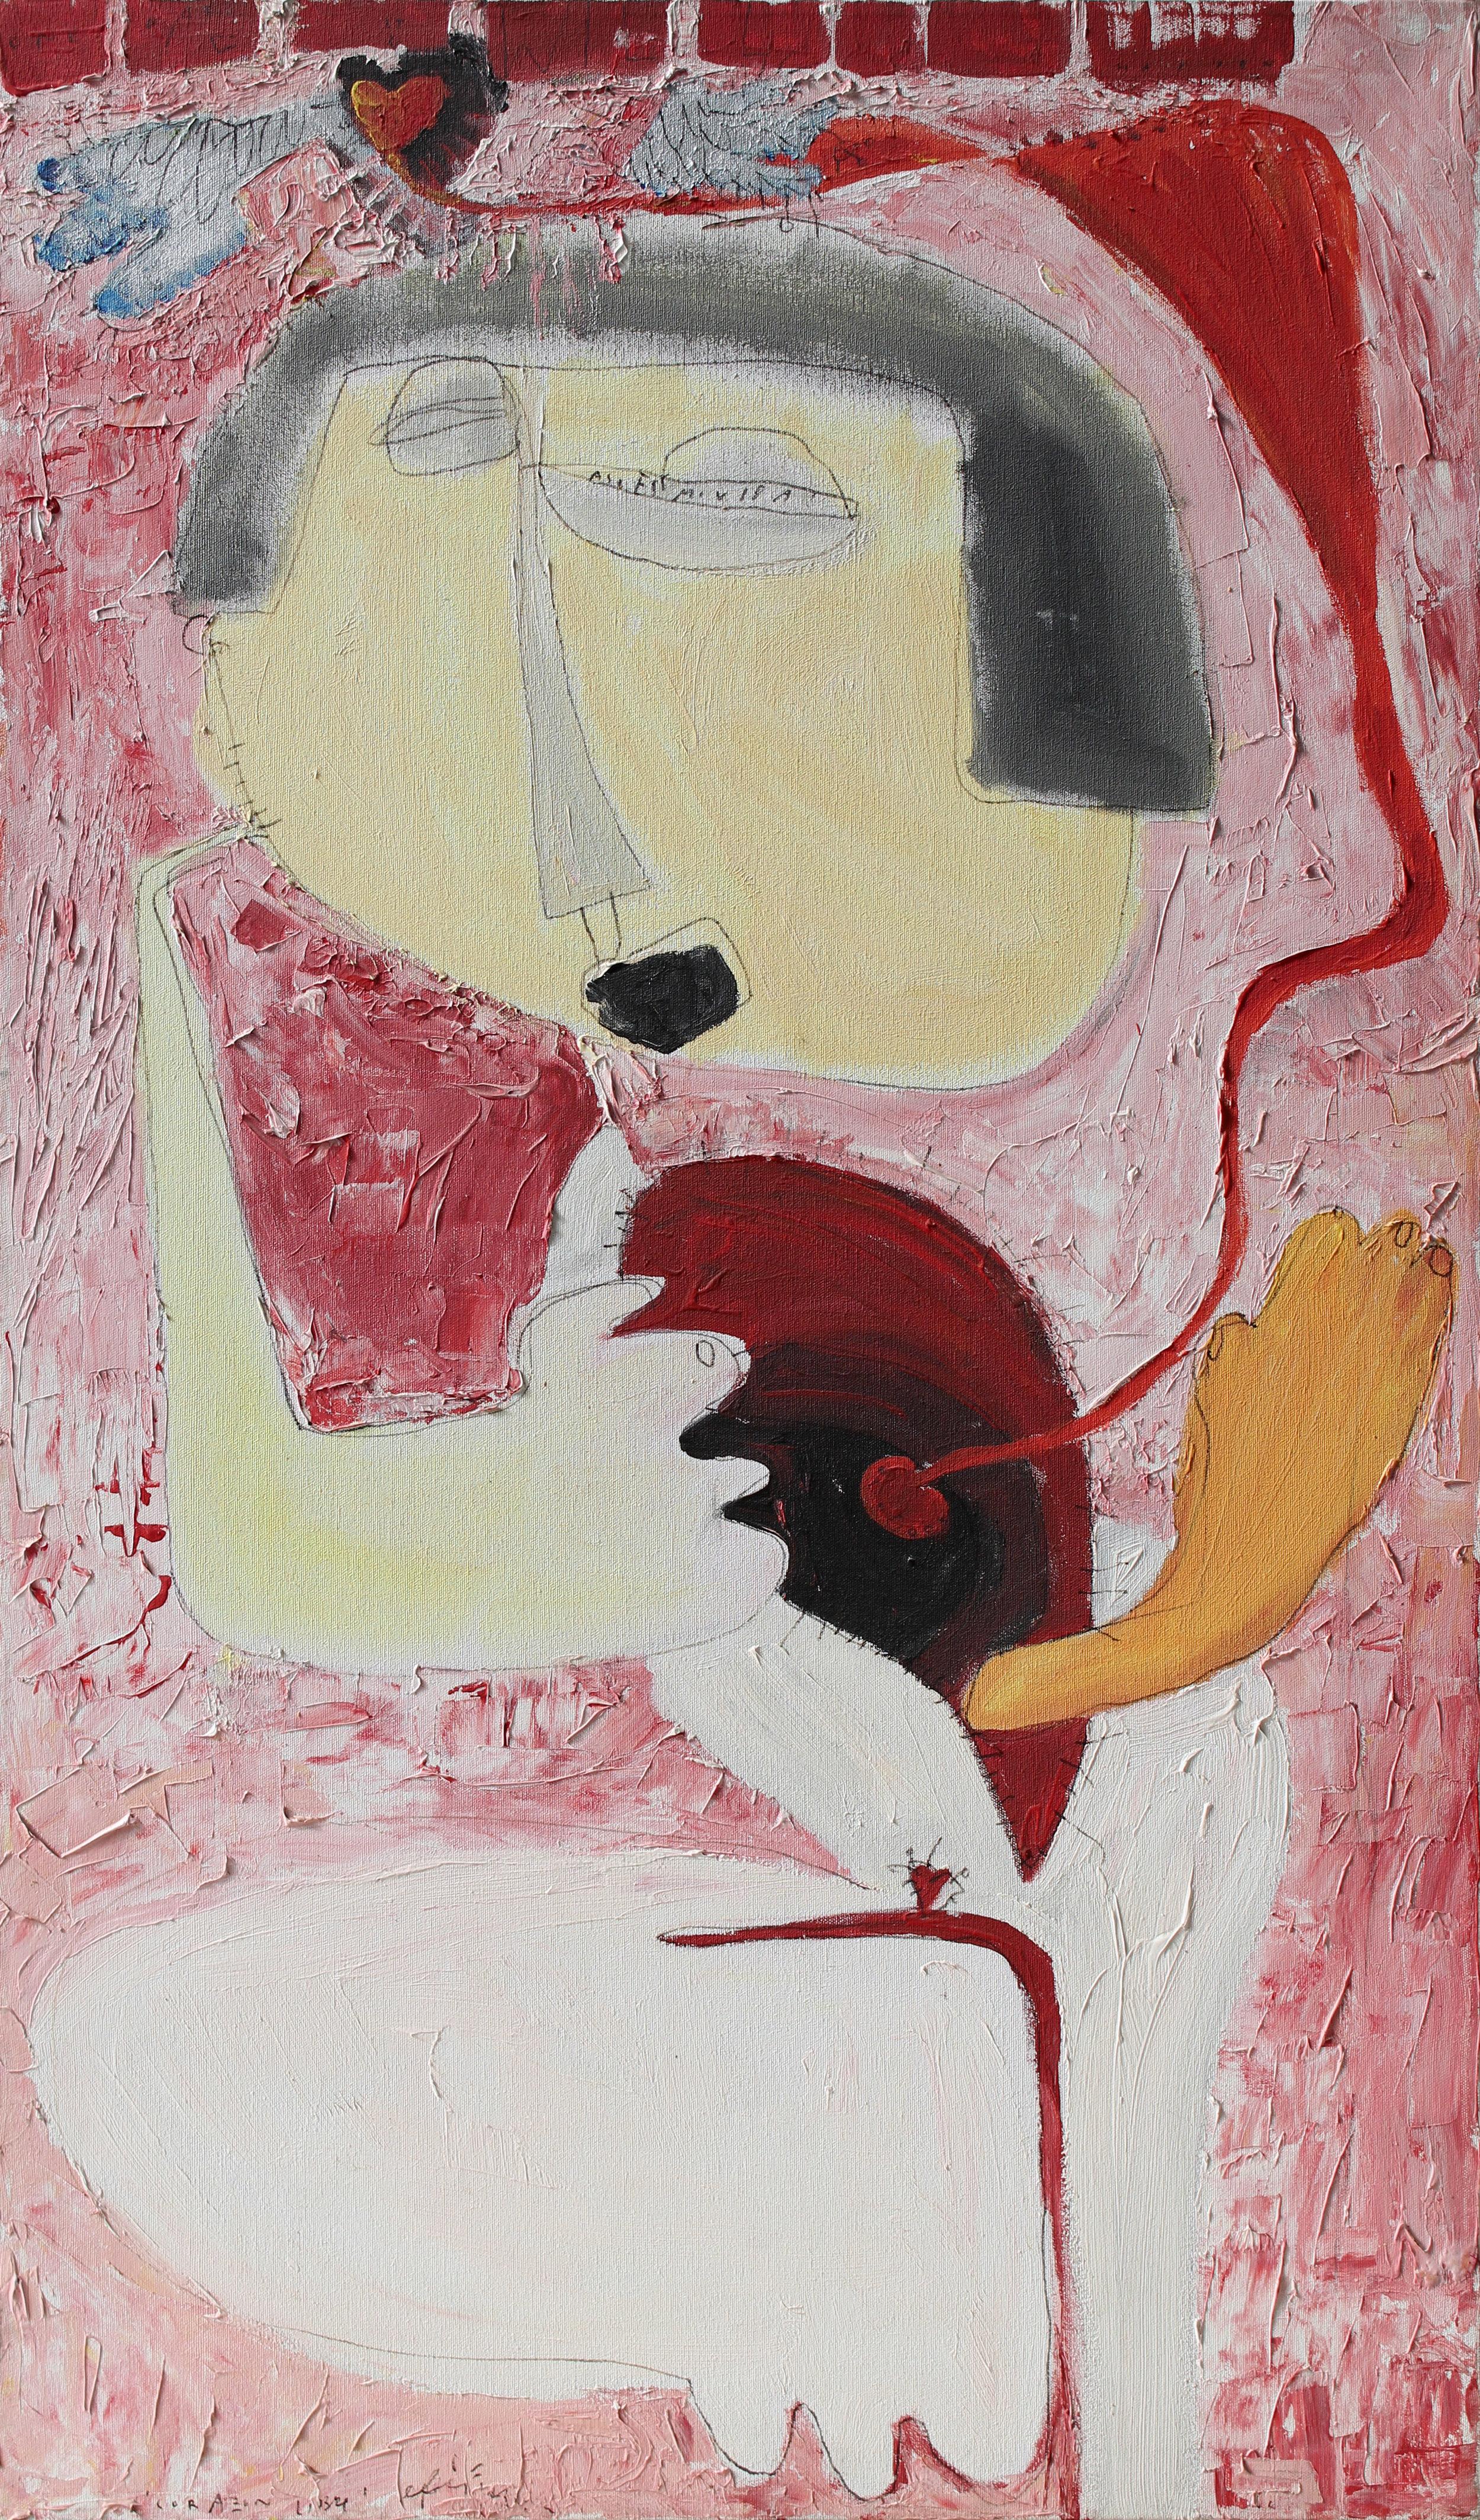 corazon libre (1998) Acryl und Marker auf Leinwand 70,5 x 120 cm